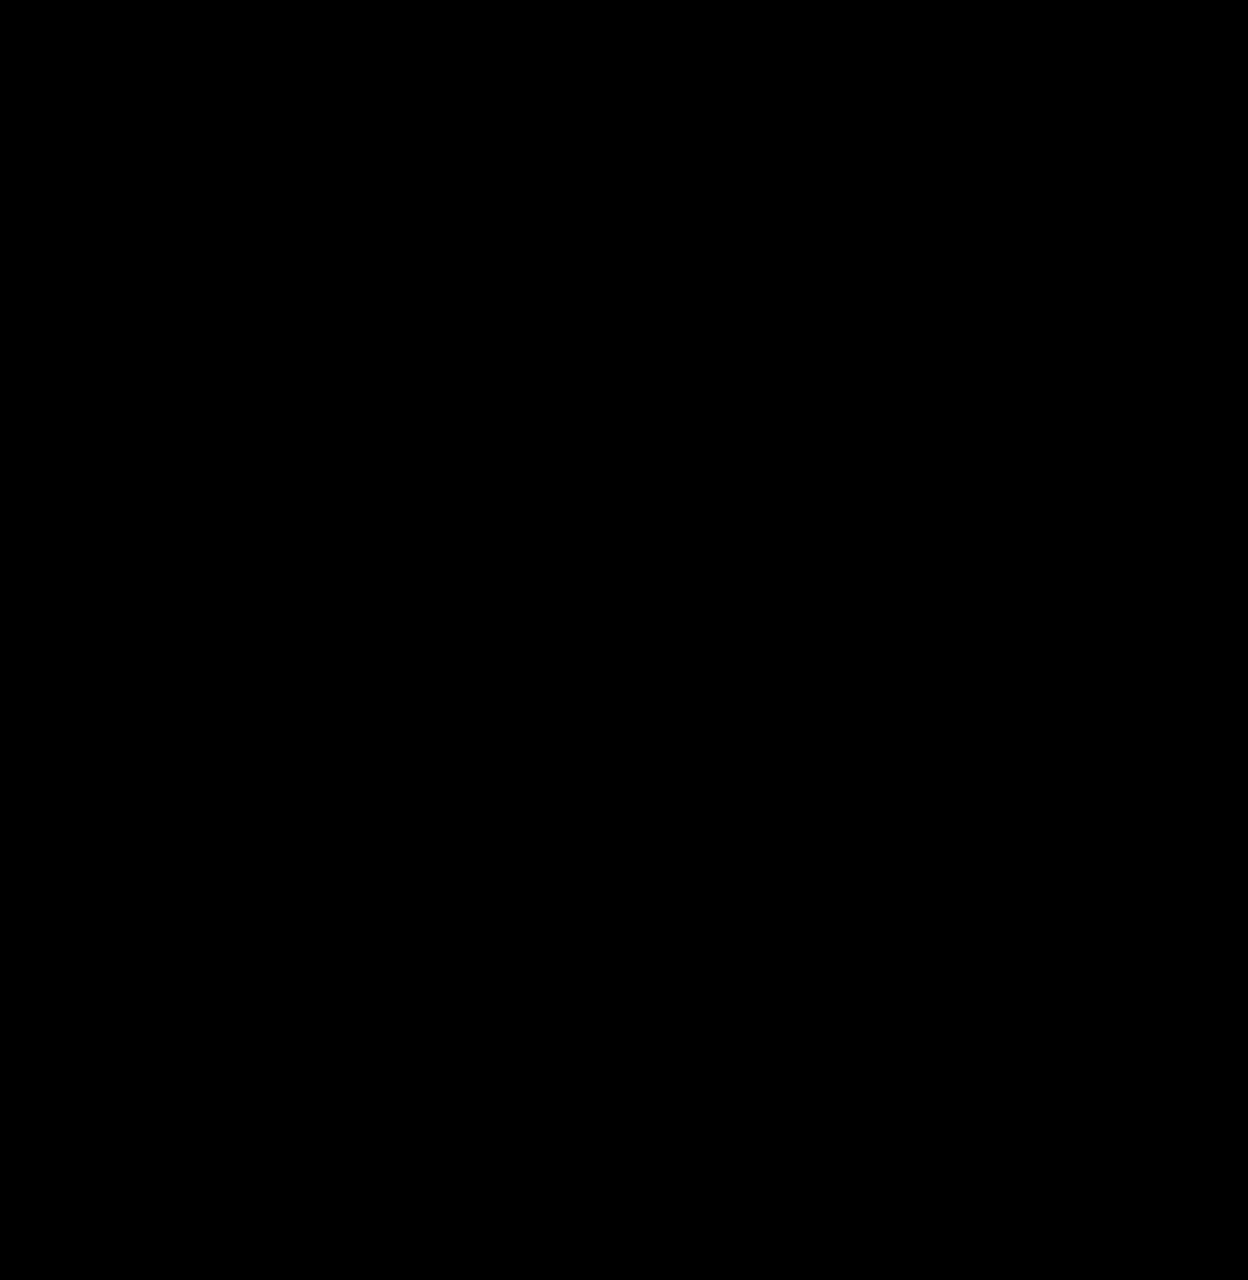 Boo #3 SVG Cut File